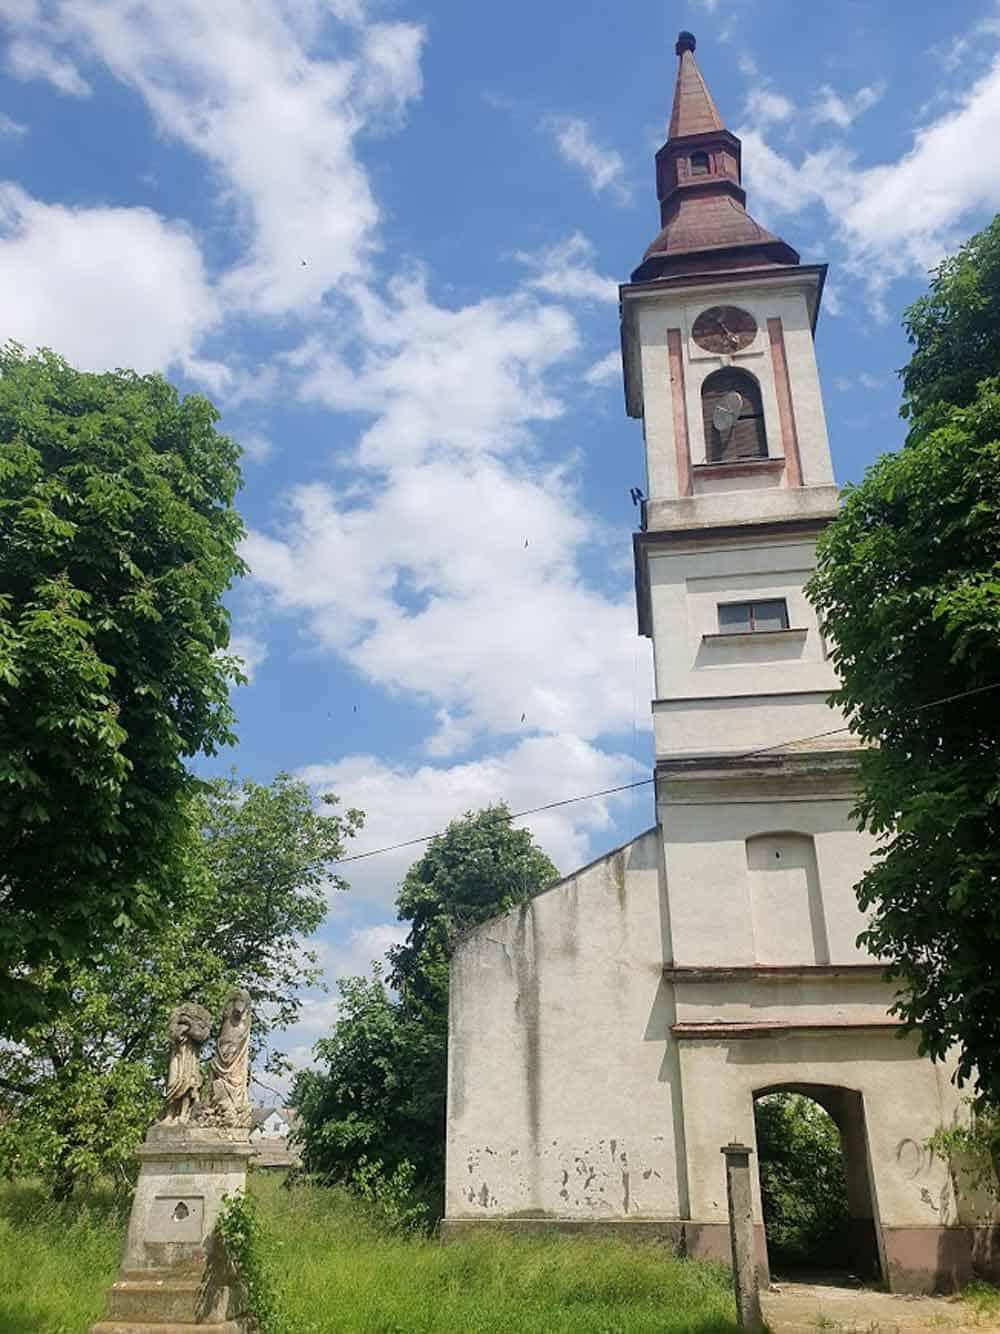 PREŽIVELI SAMO TORANJ I ZADNJI DEO: Crkva Sv. Ivana Krstitelja u Mladenovu